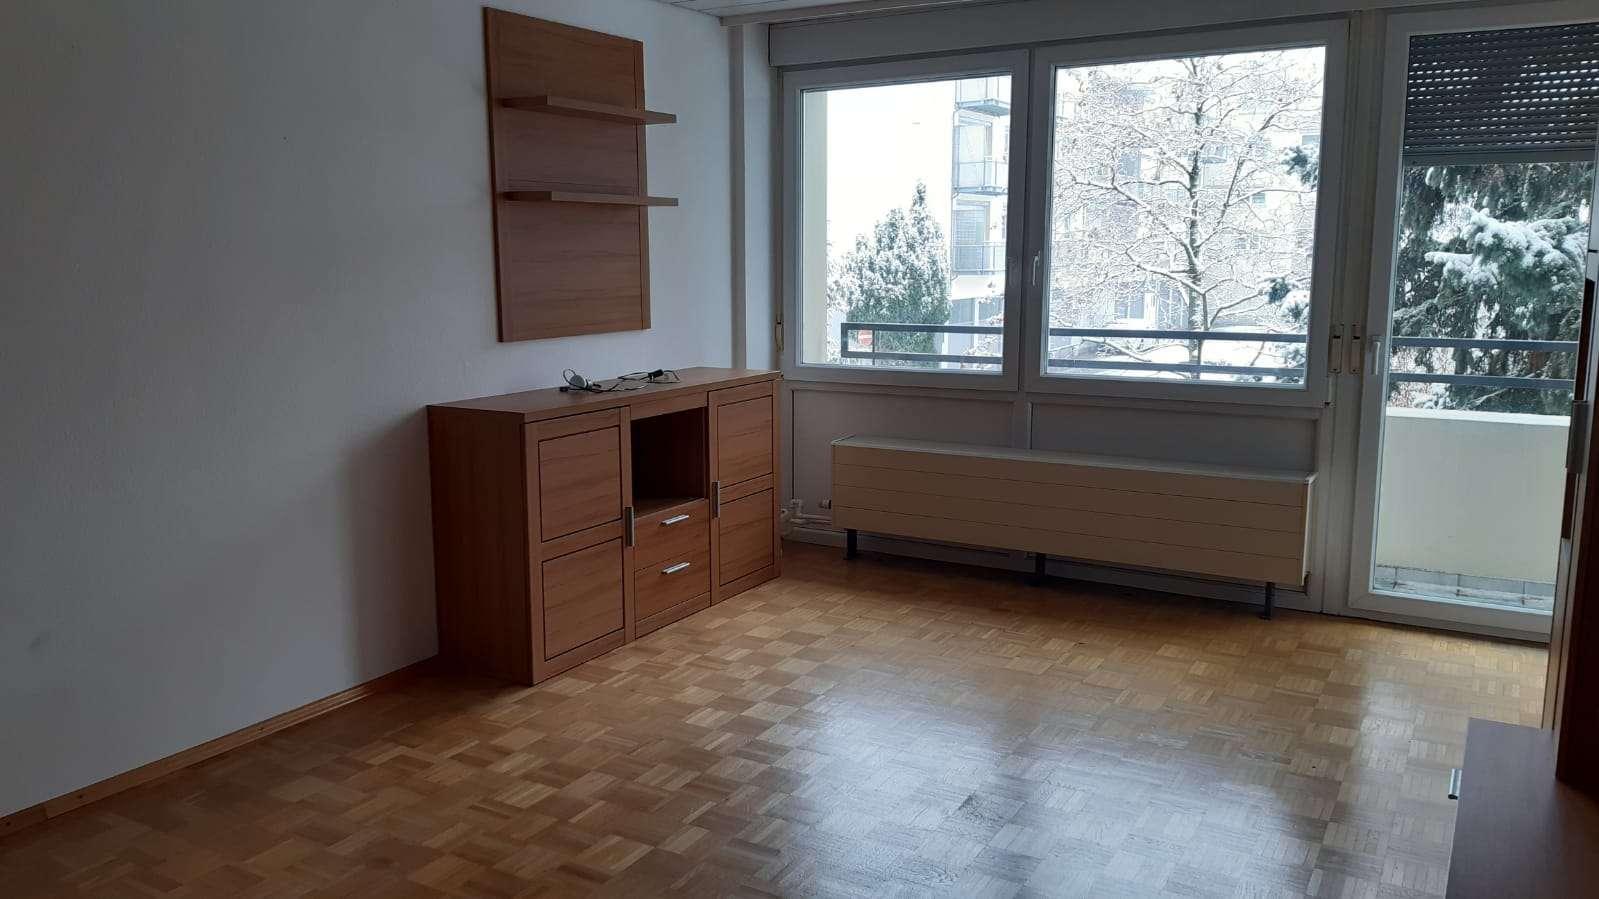 Gepflegte 4-Zimmer-Wohnung mit Balkon und EBK in Augsburg in